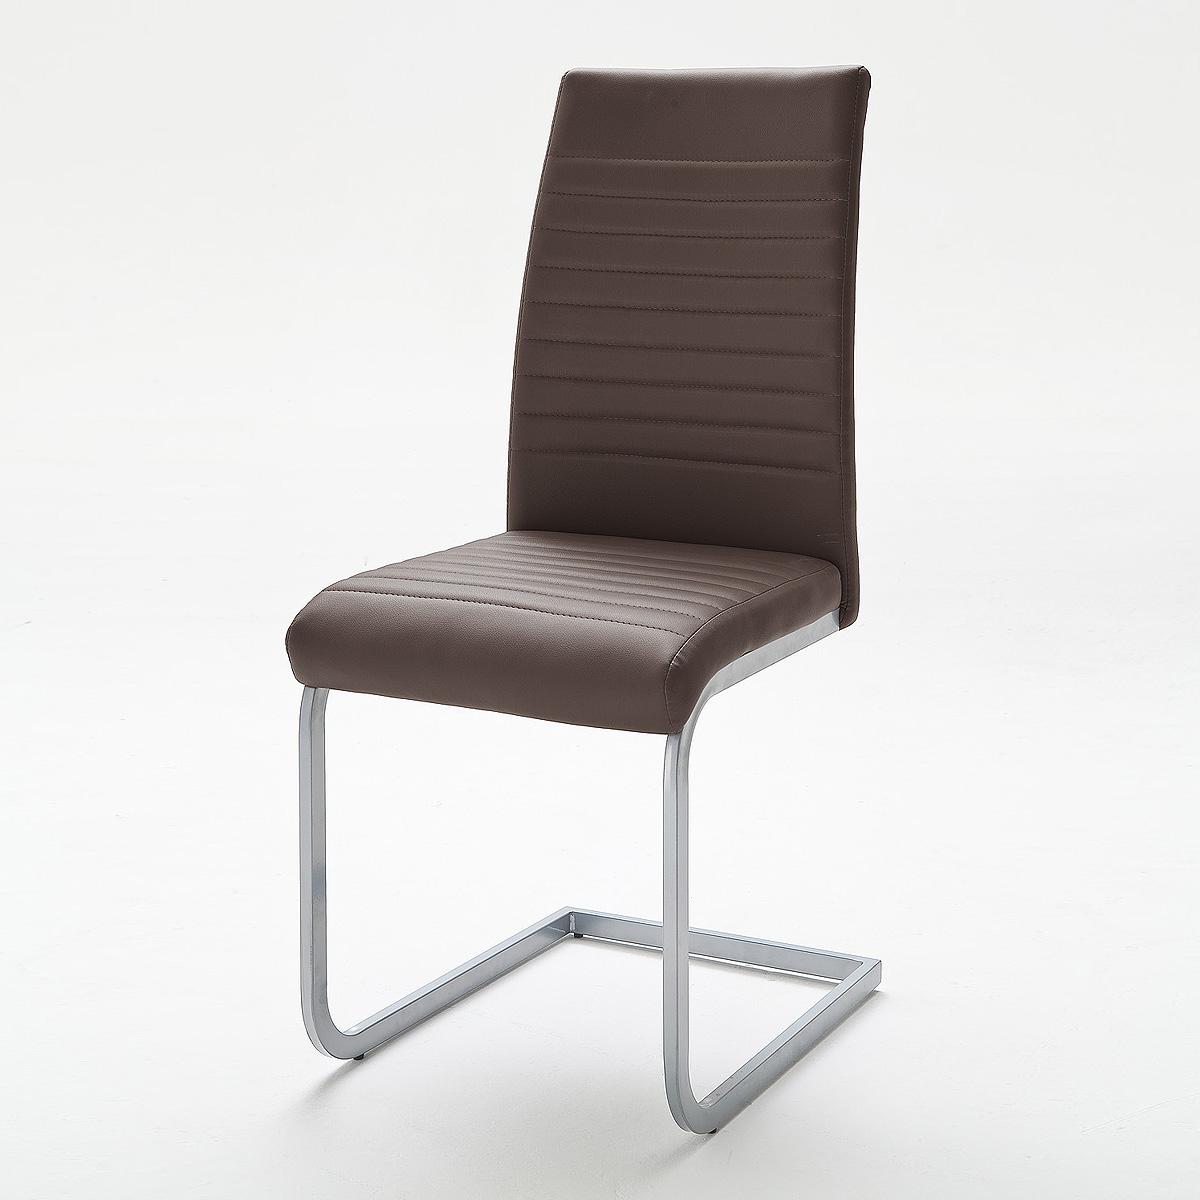 Schwingstuhl 4er set edna stuhl in braun cappuccino grau for Schwingstuhl cappuccino